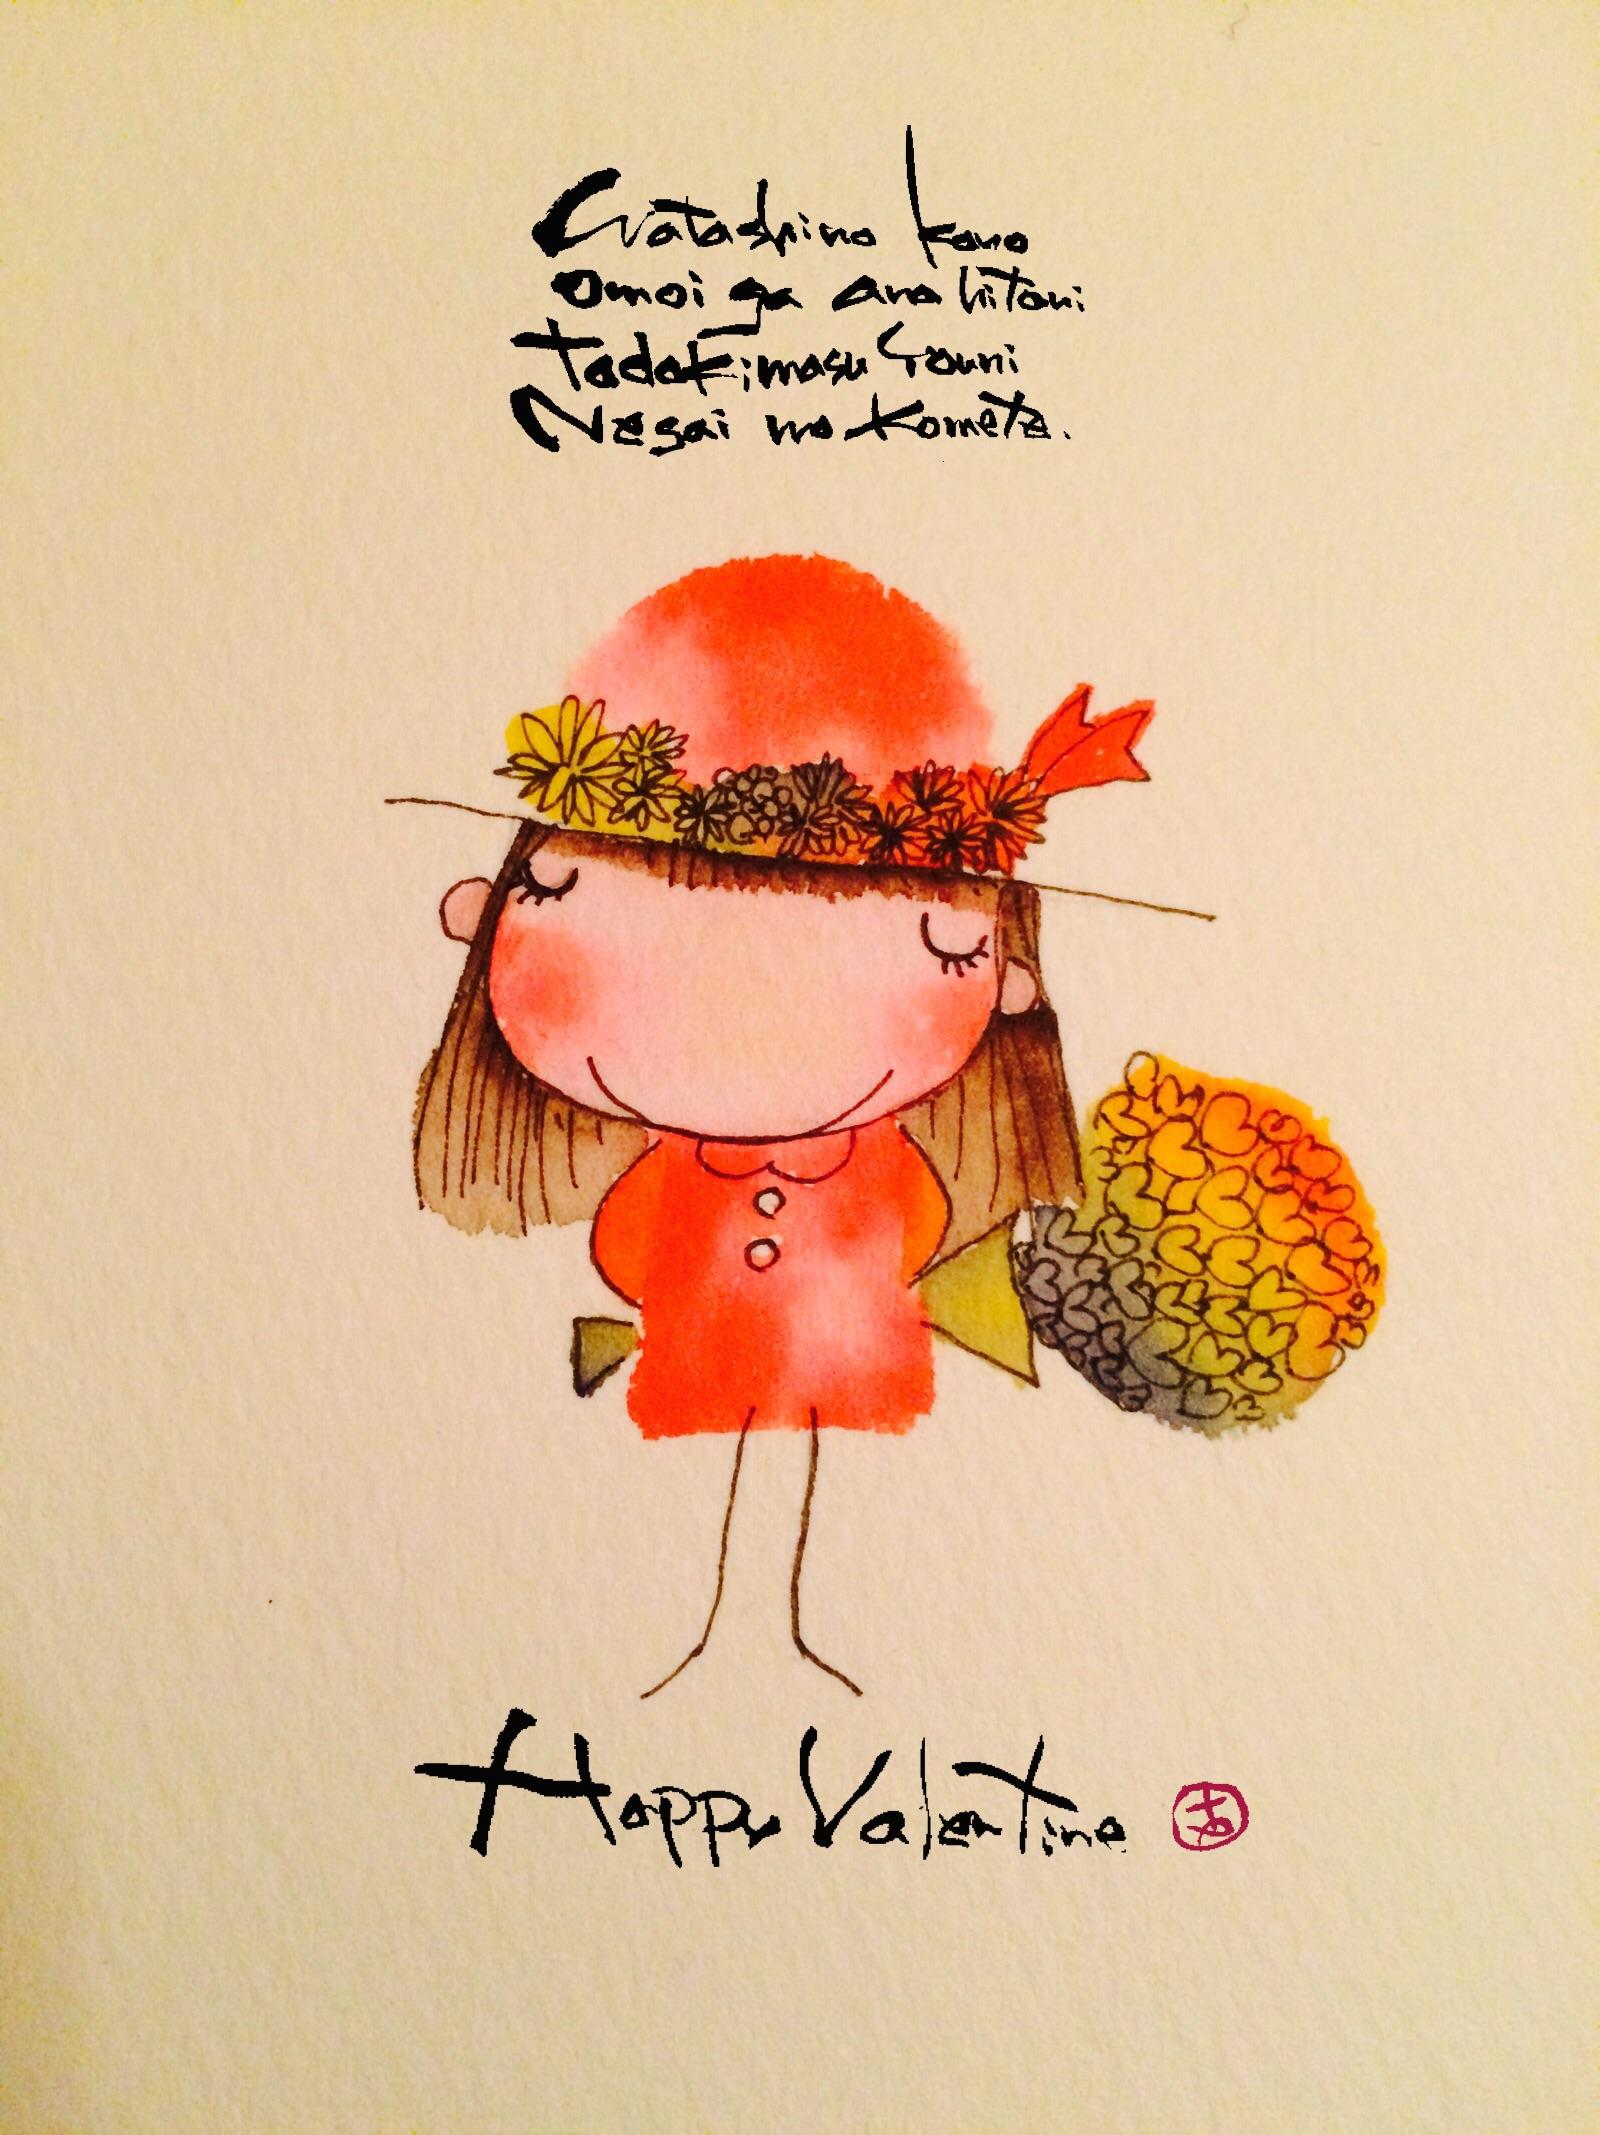 バレンタインのカード用 無料イラスト素材